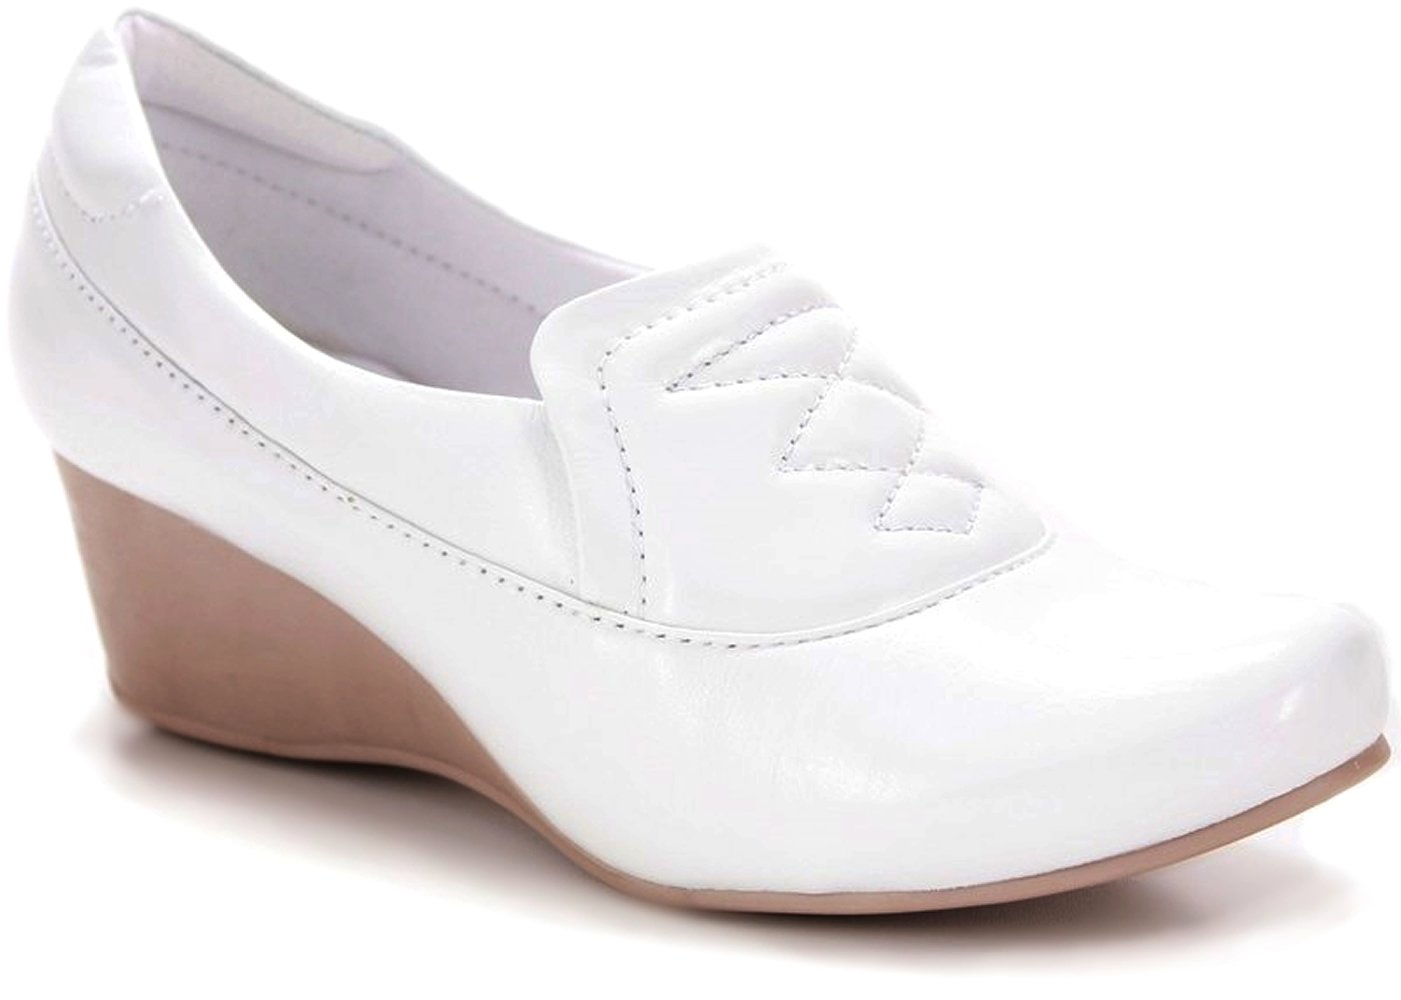 Neftali Wedge Leather Shoes 4156 - White (8, White)